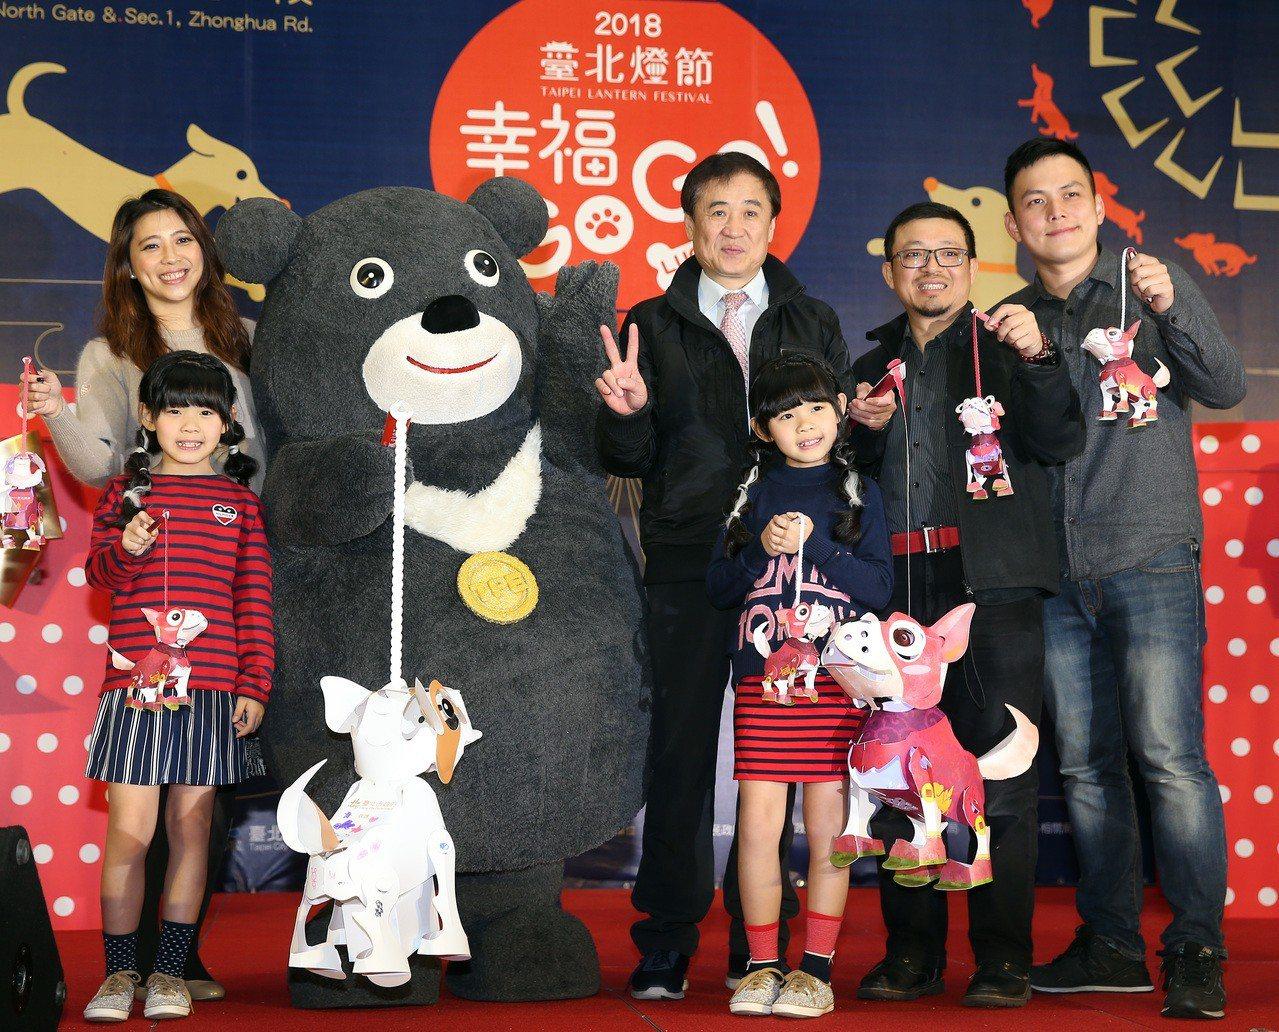 「幸福GOGO」小提燈亮相,副市長陳景峻(中)和左左右右出席。 記者曾吉松/攝影